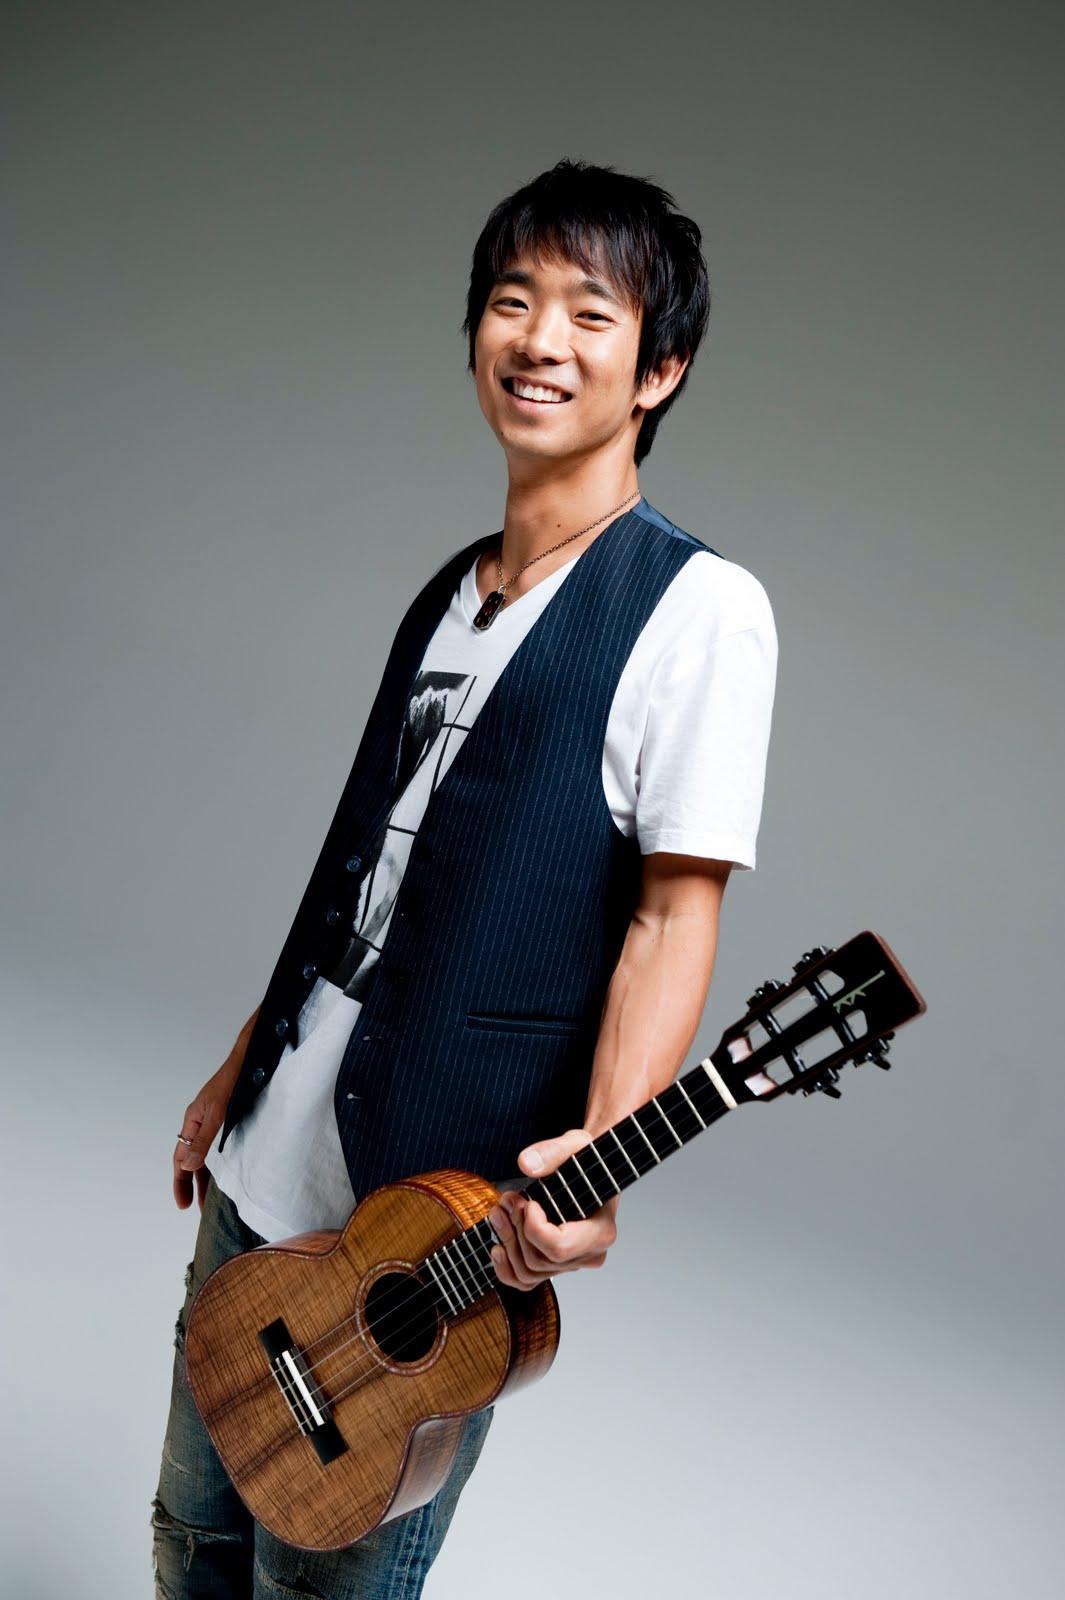 Jake Shimabukuro - Gently Weeps